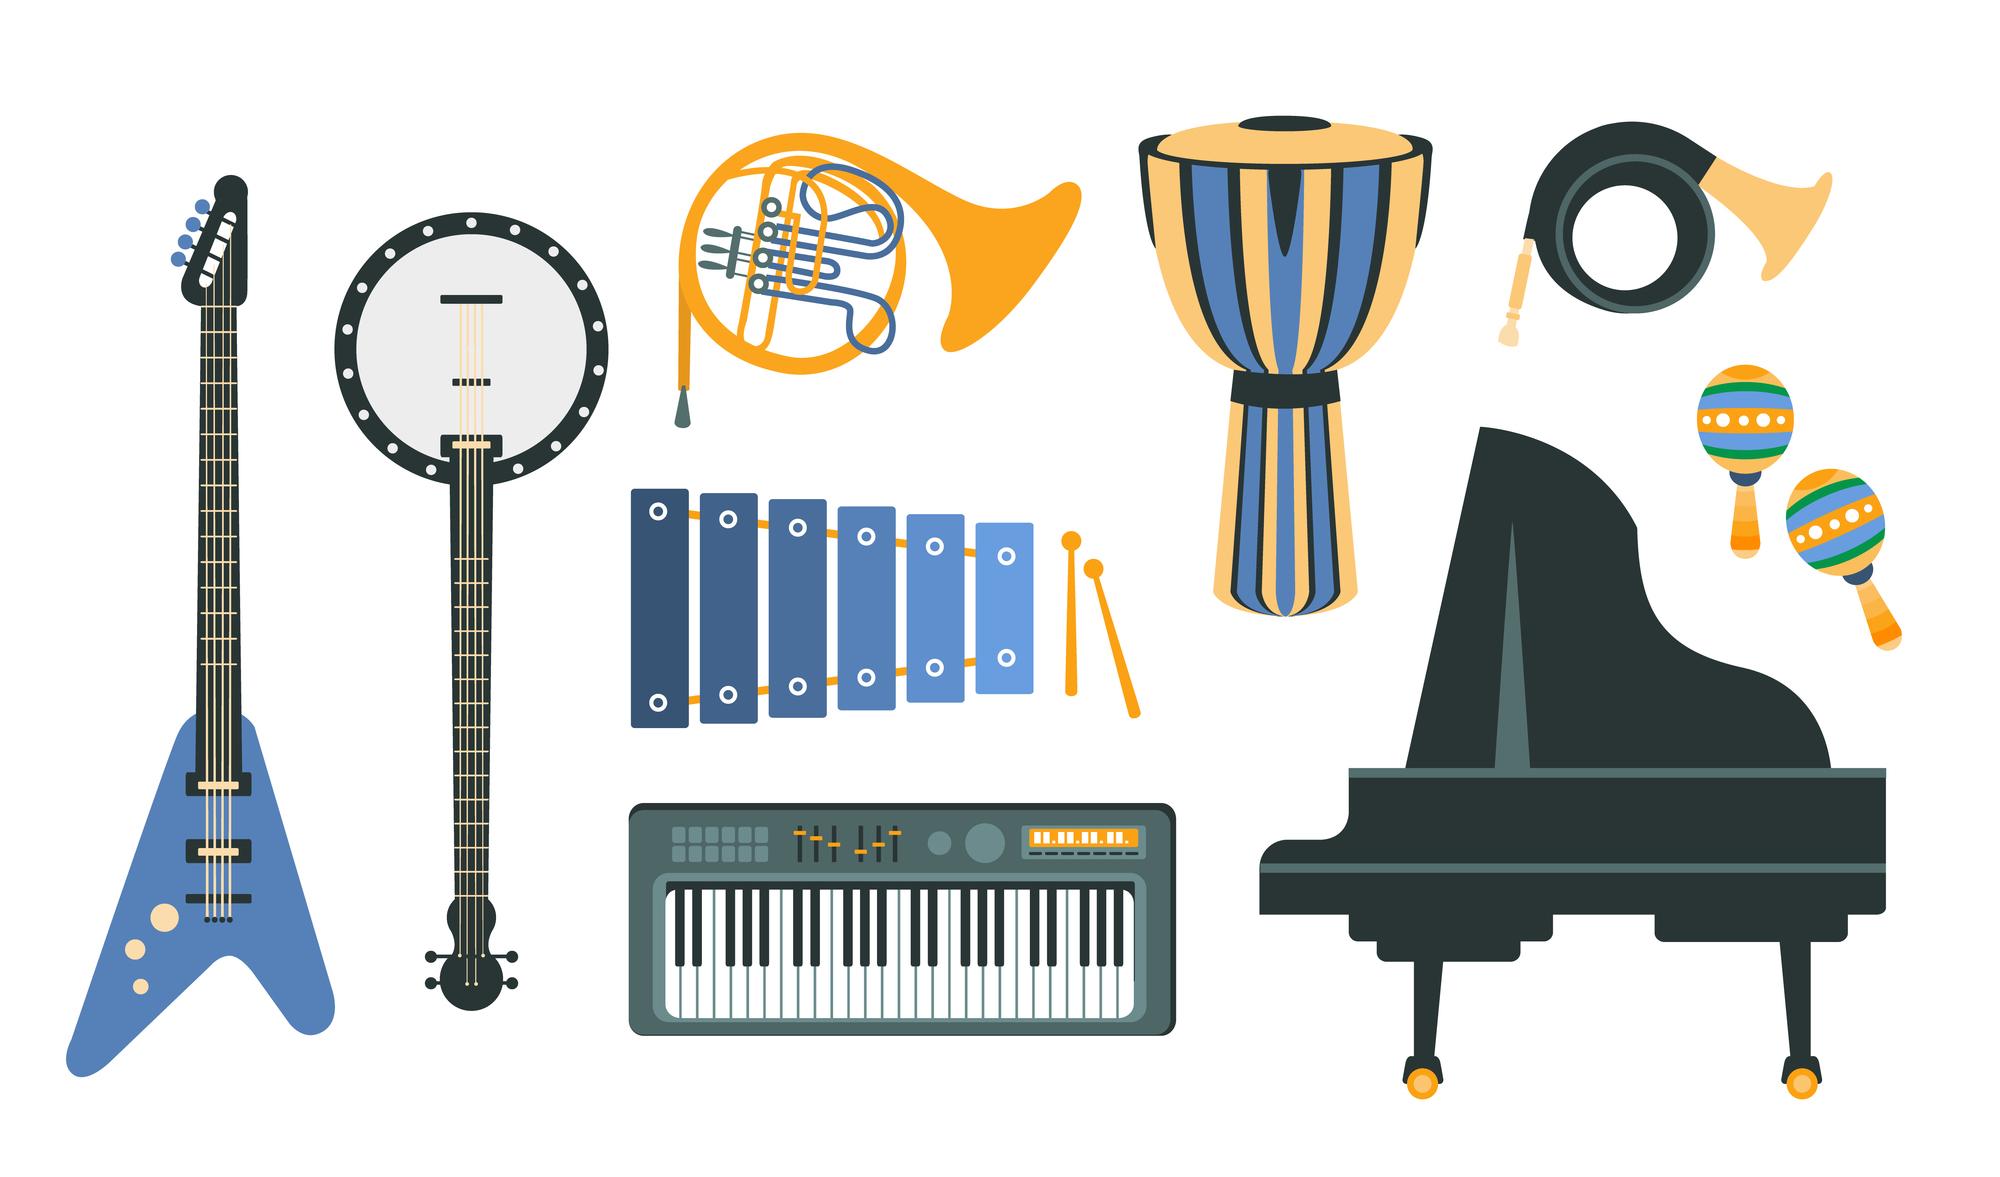 使わなくなった楽器は買取で売ろう!楽器を売るときに知っておきたいポイント